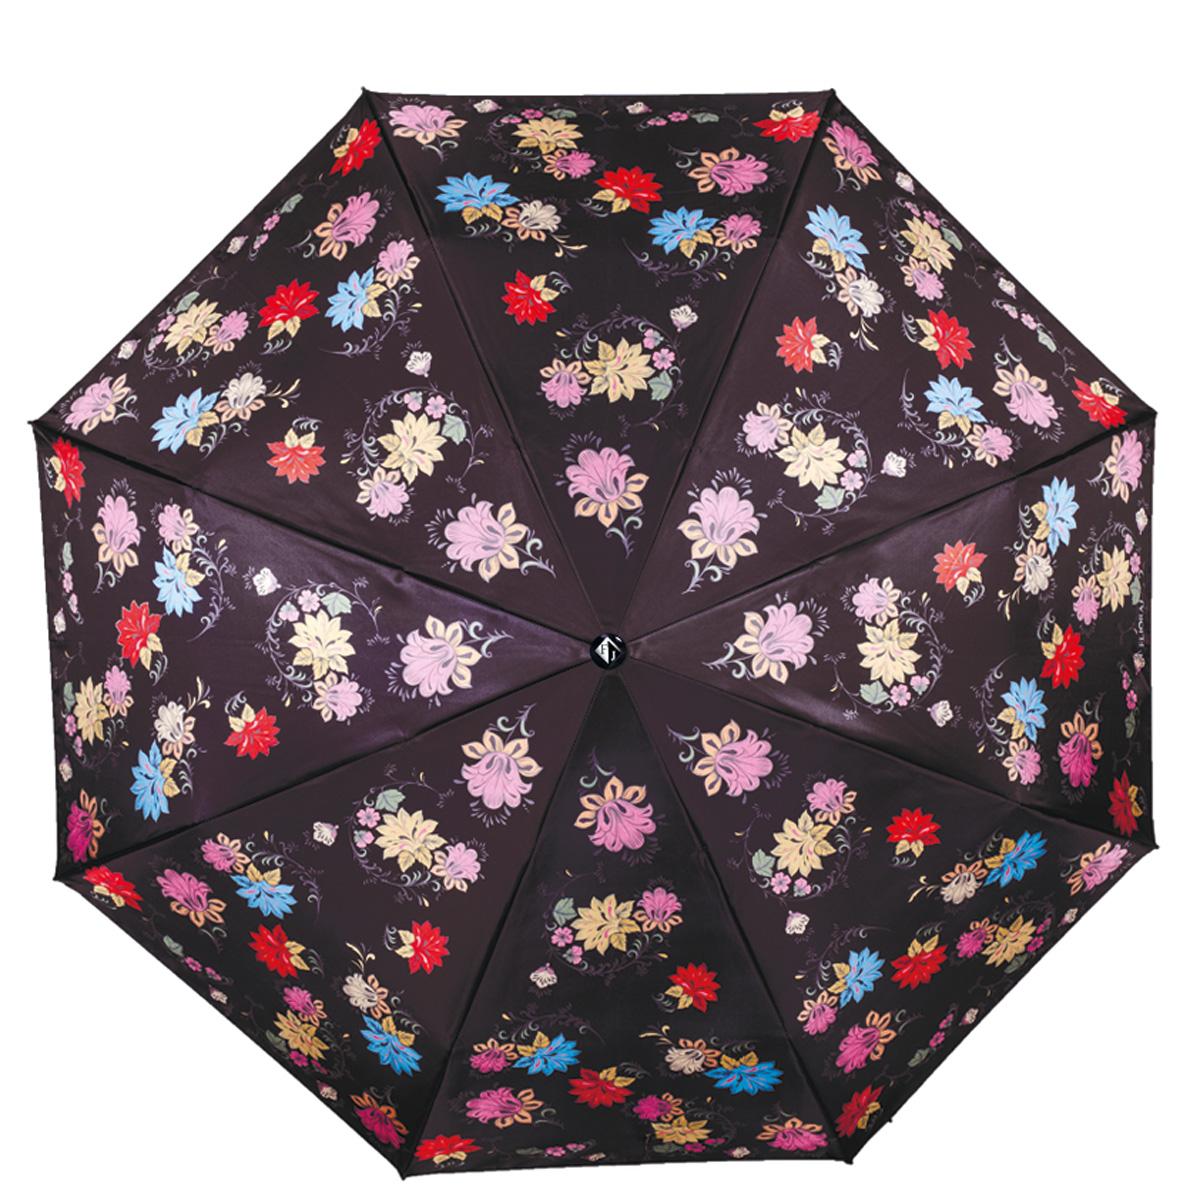 Зонт женский Flioraj Русские мотивы, автомат, 3 сложения, цвет: черный. 190204 FJ190204 FJПрелестный автоматический зонт Flioraj Русские мотивы в 3 сложения отлично подойдет для ненастной погоды. Ветростойкий каркас зонта, изготовленный из анодированной стали, состоит из восьми спиц и прочного стержня. Купол зонта с тефлоновой пропиткой выполнен из полиэстера и оформлен цветочным узором. Модель оснащена рукояткой из пластика. Зонт имеет полный автоматический механизм сложения: купол открывается и закрывается нажатием кнопки на рукоятке, стержень складывается вручную до характерного щелчка. Благодаря этому открыть и закрыть зонт можно одной рукой, что чрезвычайно удобно при входе в транспорт или помещение. Небольшой шнурок, расположенный на рукоятке, позволяет надеть изделие на руку при необходимости. Модель закрывается при помощи хлястика на кнопке. Такой зонт не только надежно защитит вас от дождя, но и станет стильным аксессуаром, который идеально подчеркнет ваш неповторимый образ.